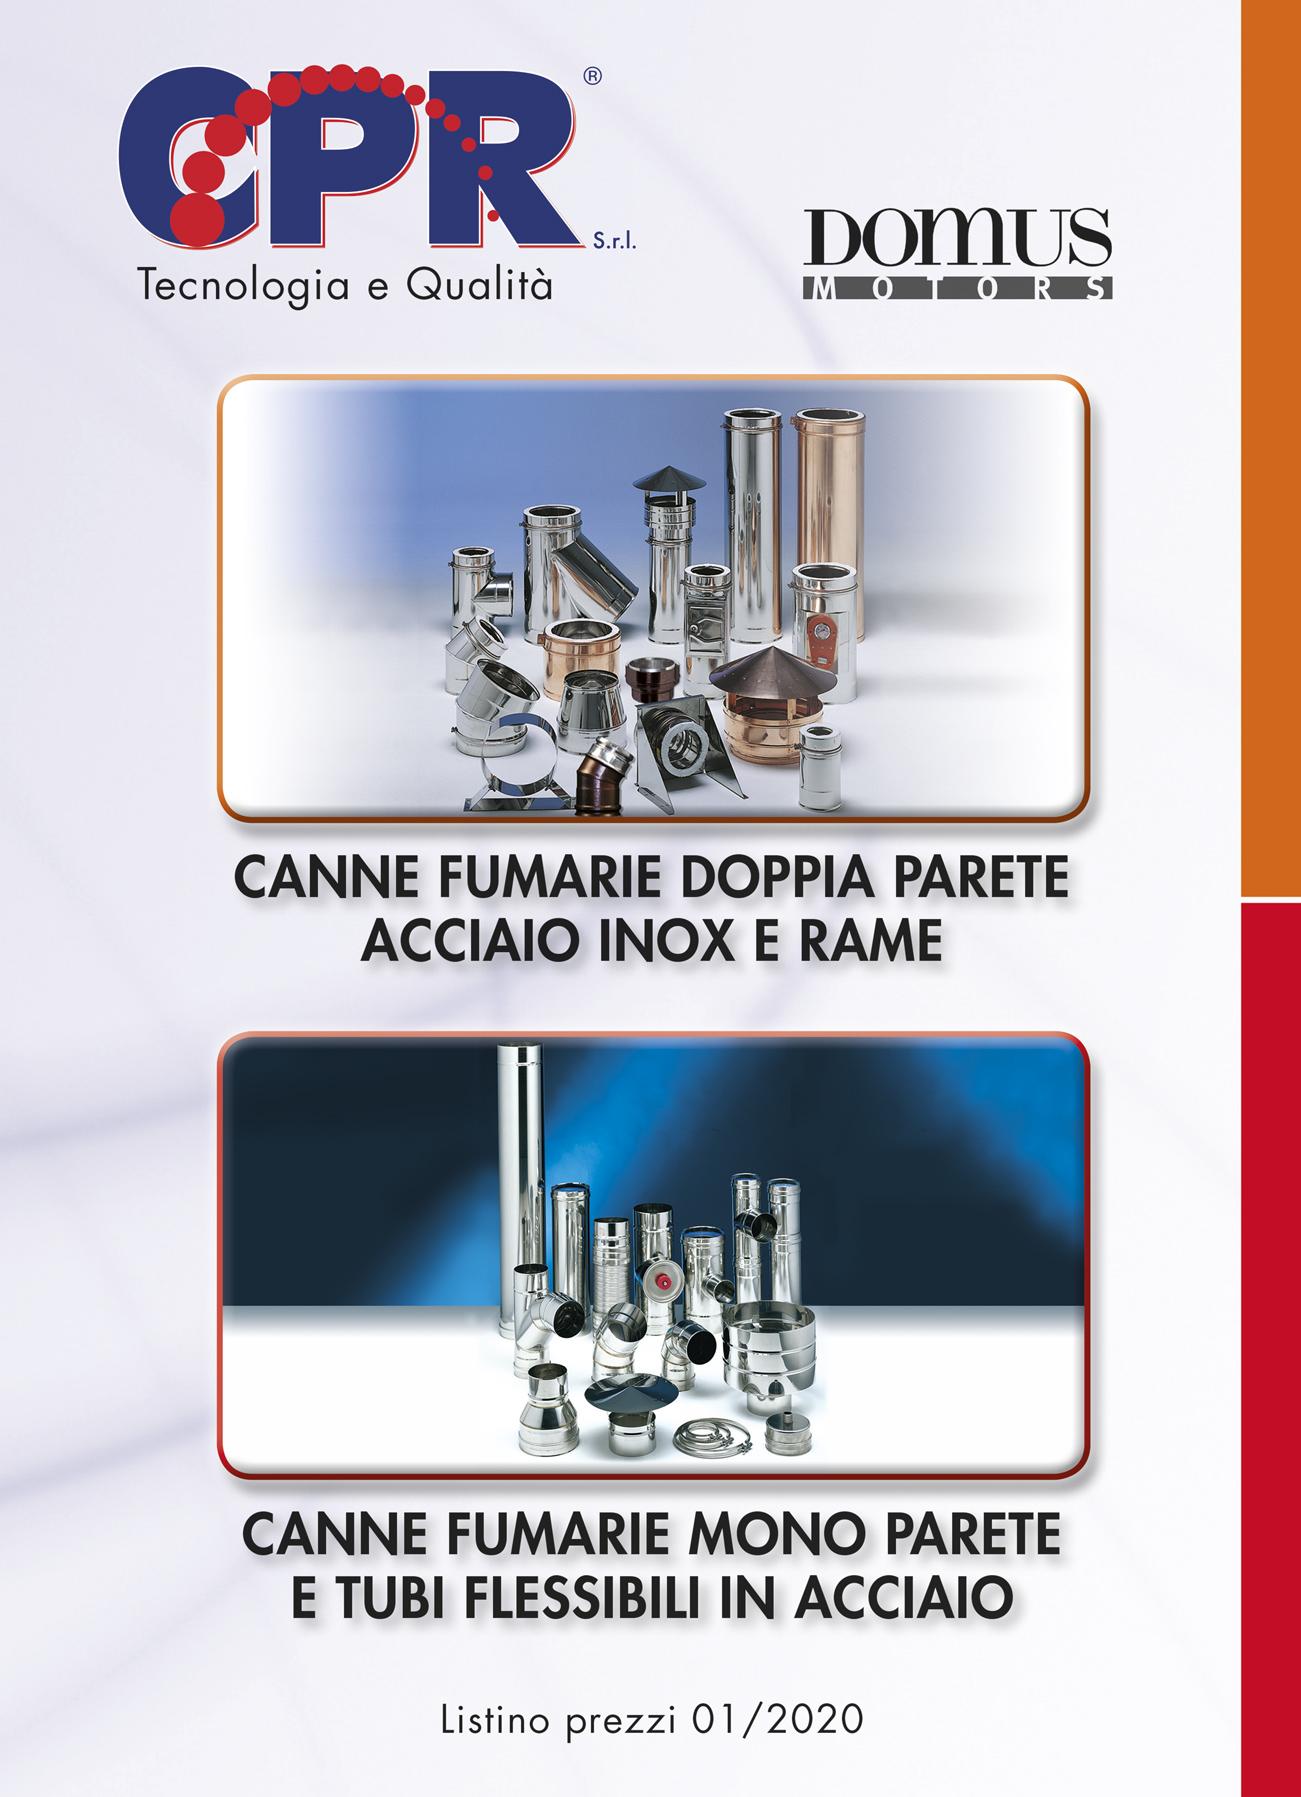 Canne fumarie a mono e doppia parete e tubi flessibili in acciaio 01/2020